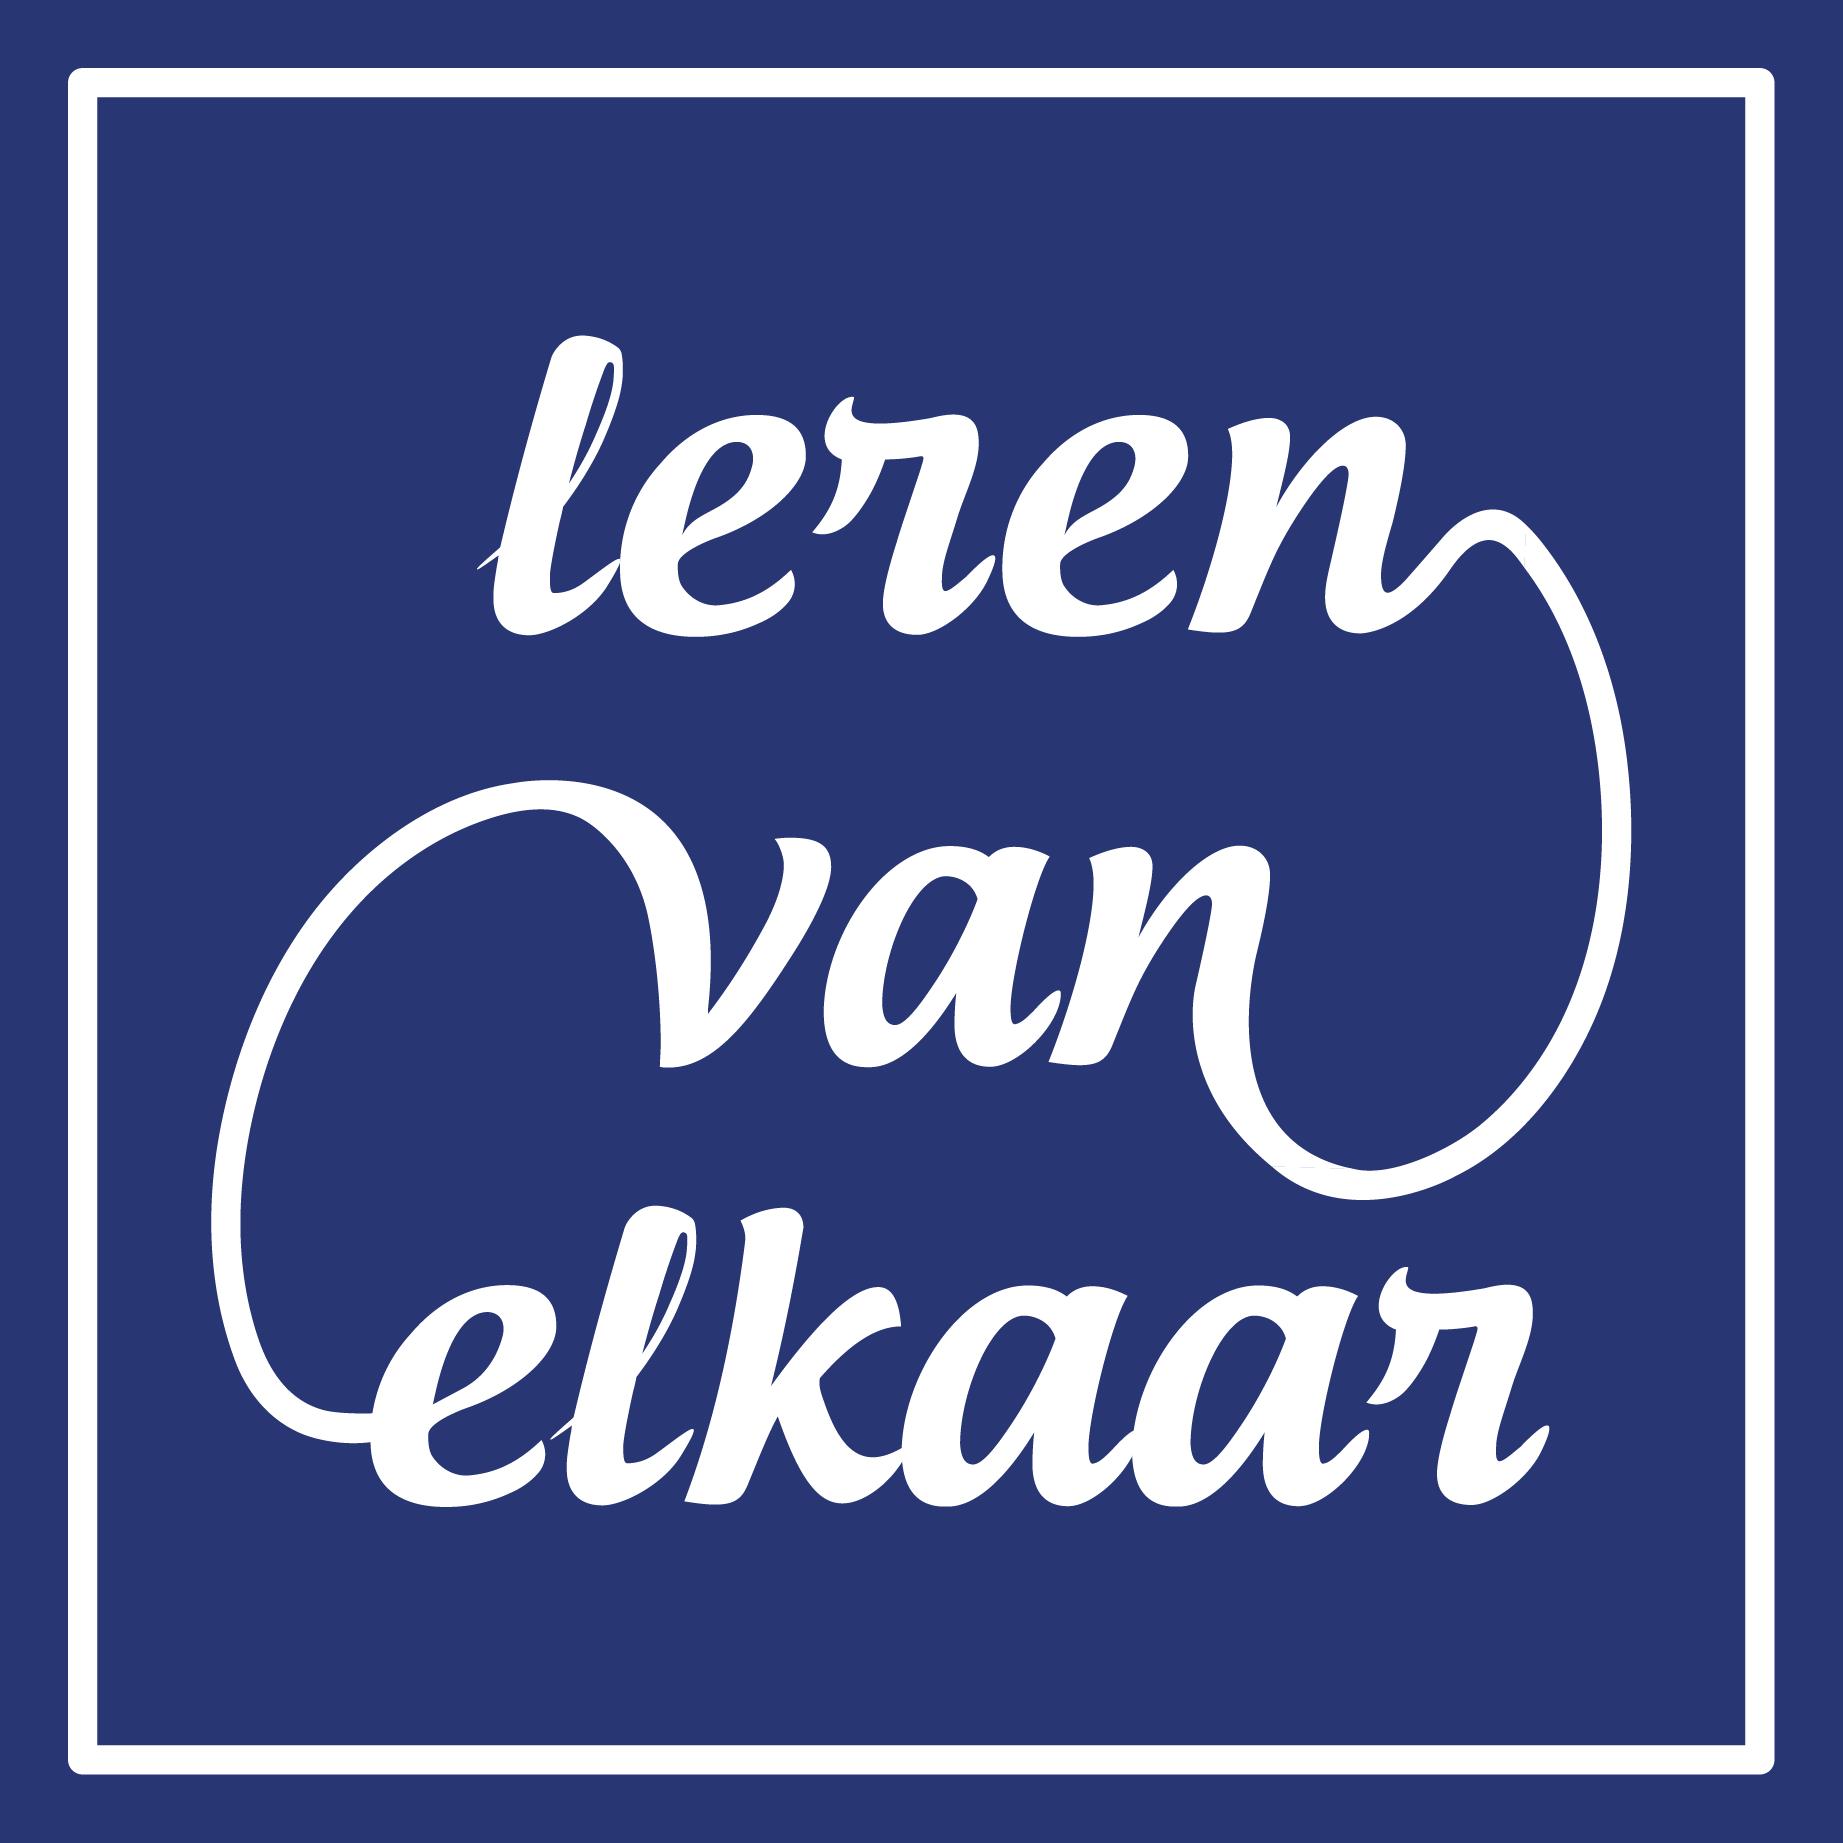 Logo Lerenvanelkaar Lerenvanelkaar.nu vierkant